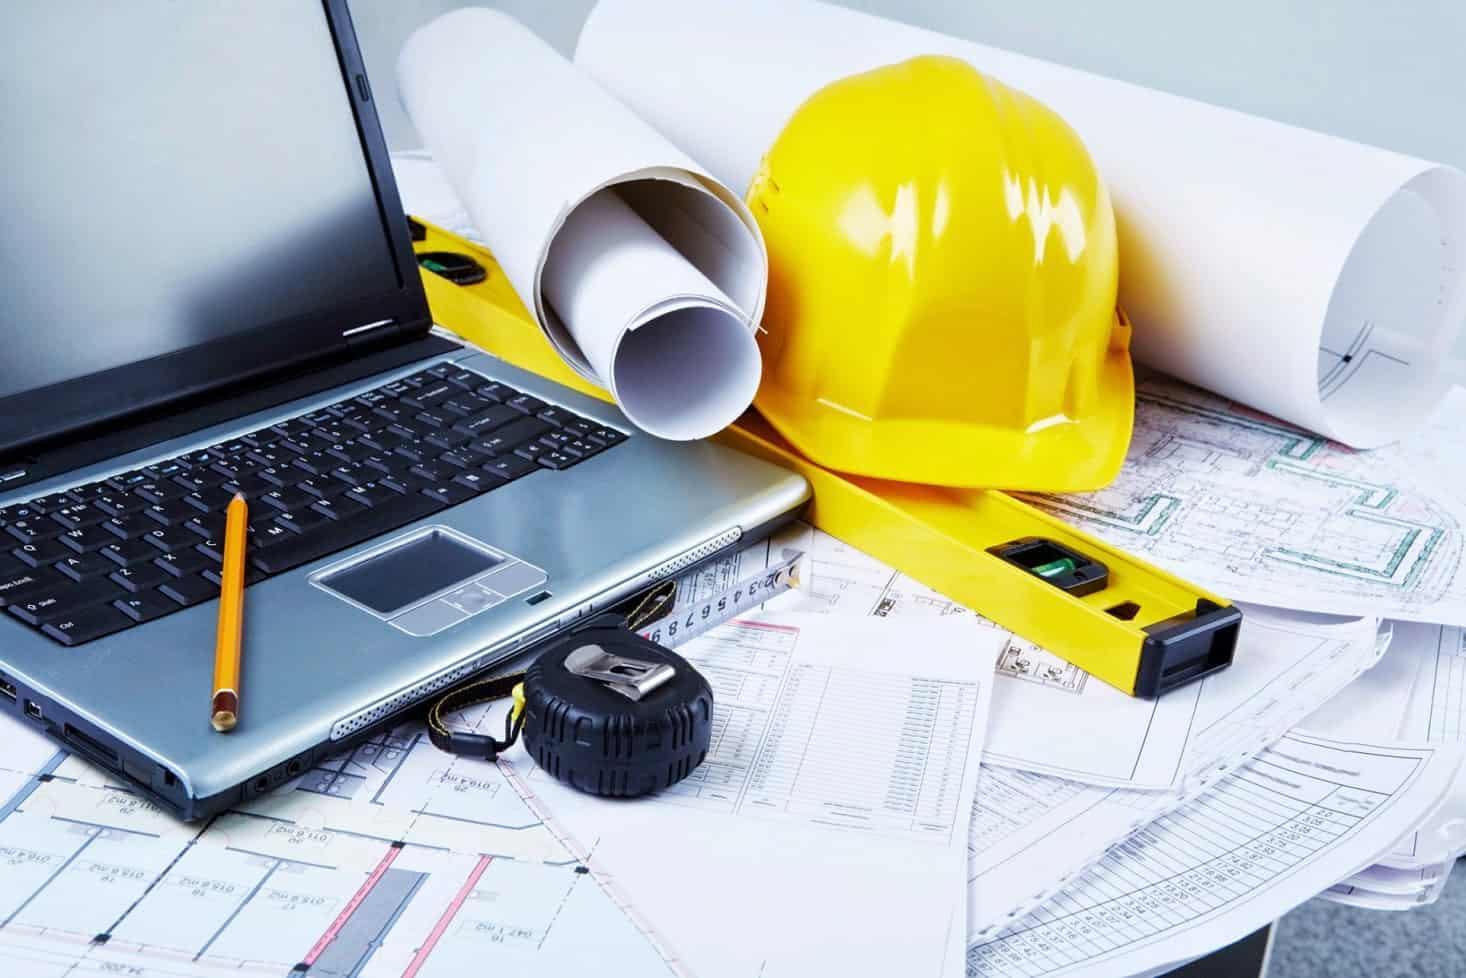 Existem normas de segurança no trabalho na construção civil que devem ser cumpridas.